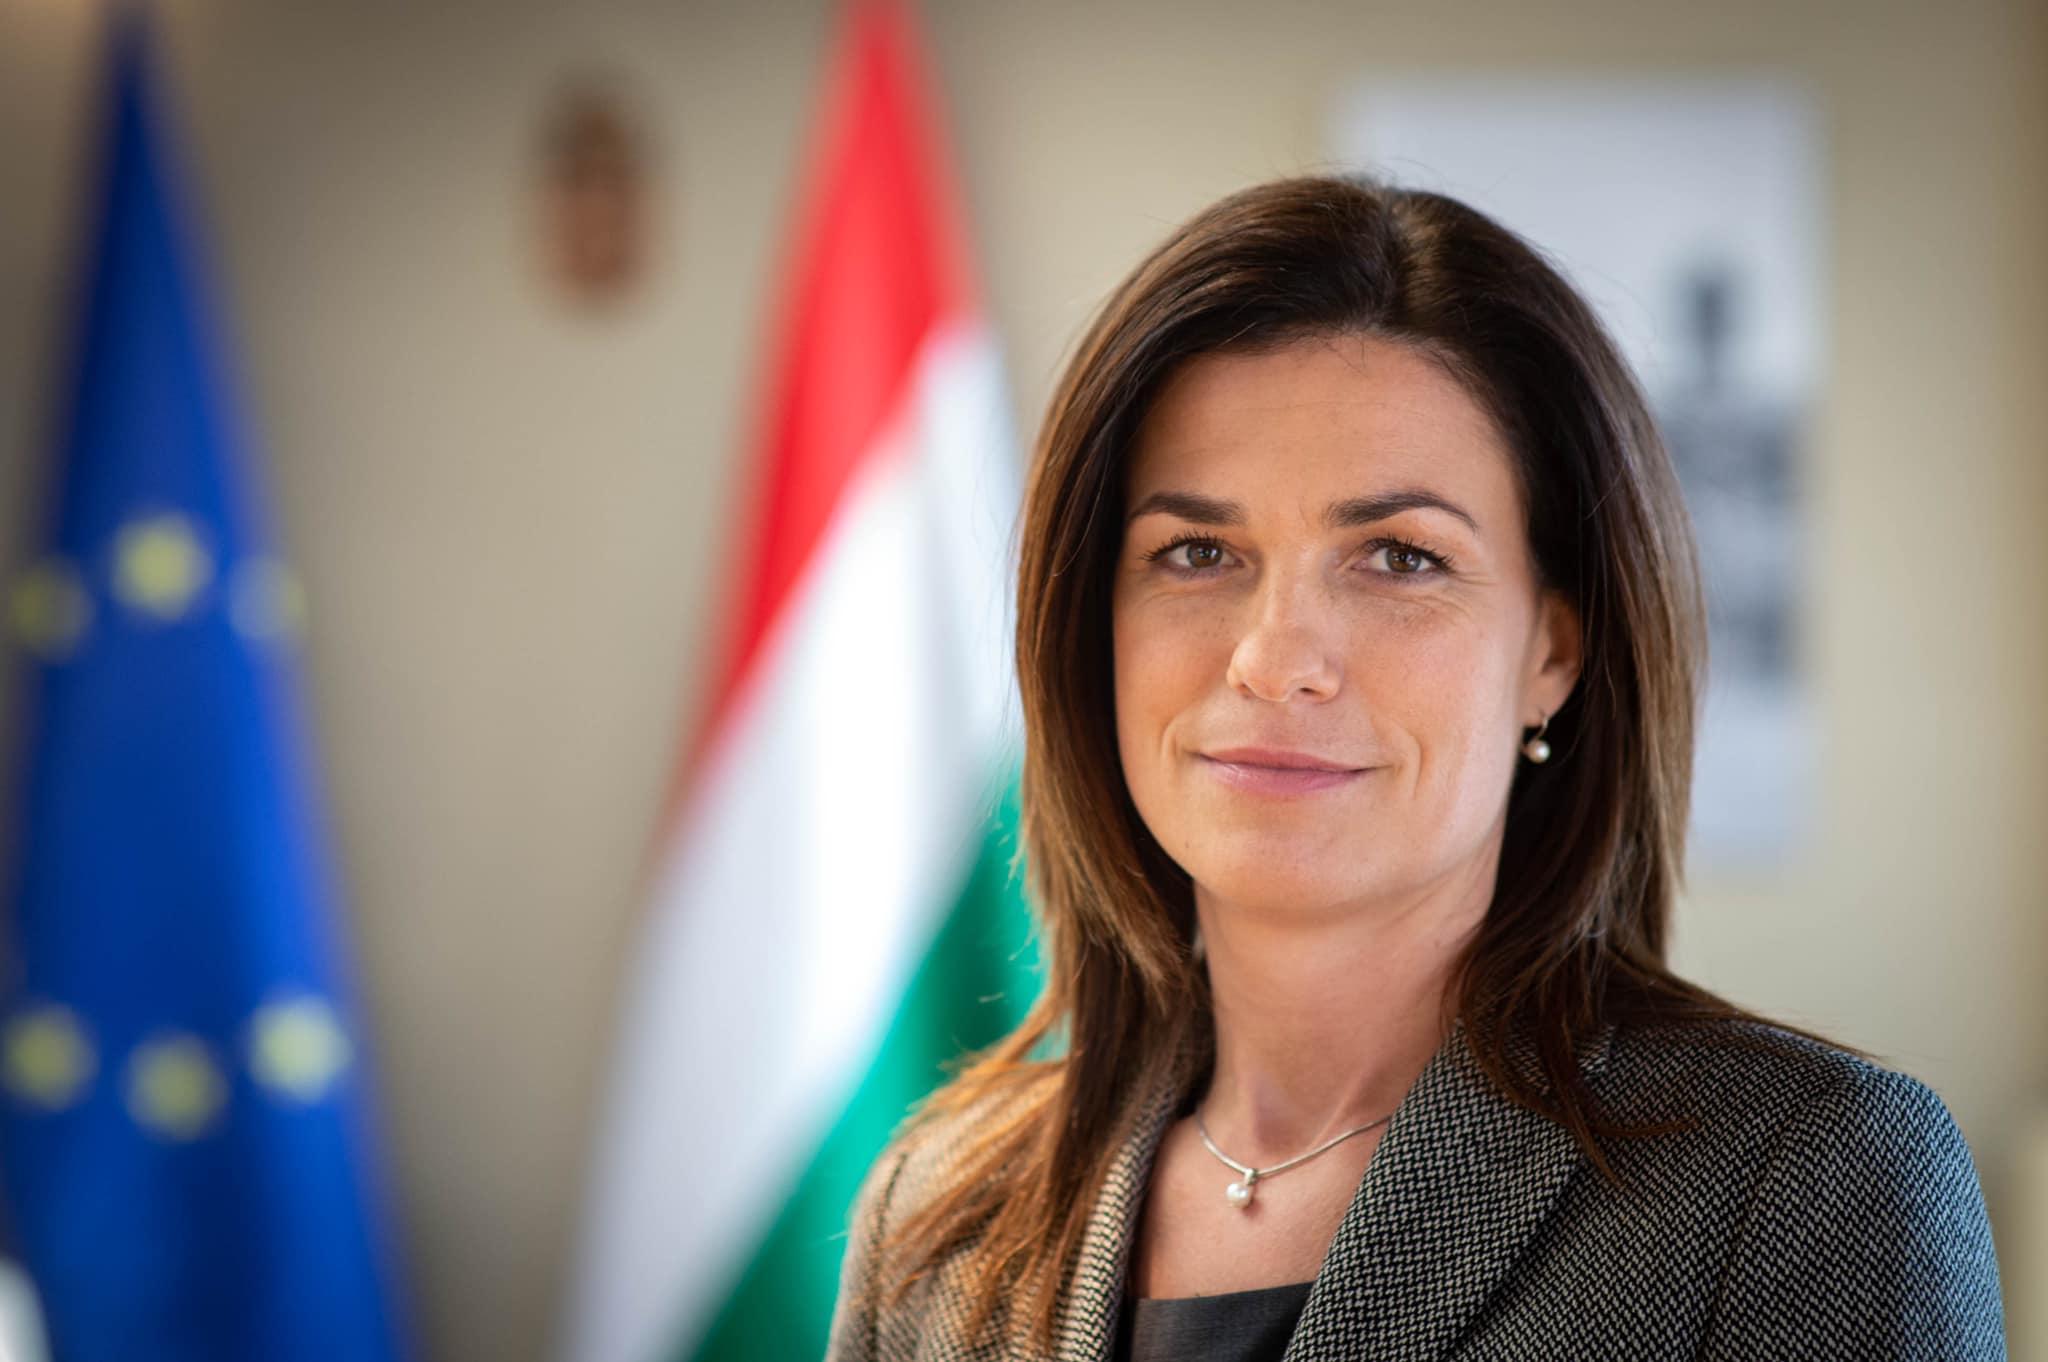 Justizministerin: Rechtsstaatsdebatte sollte keine Spaltung zwischen EU-Mitgliedern schaffen